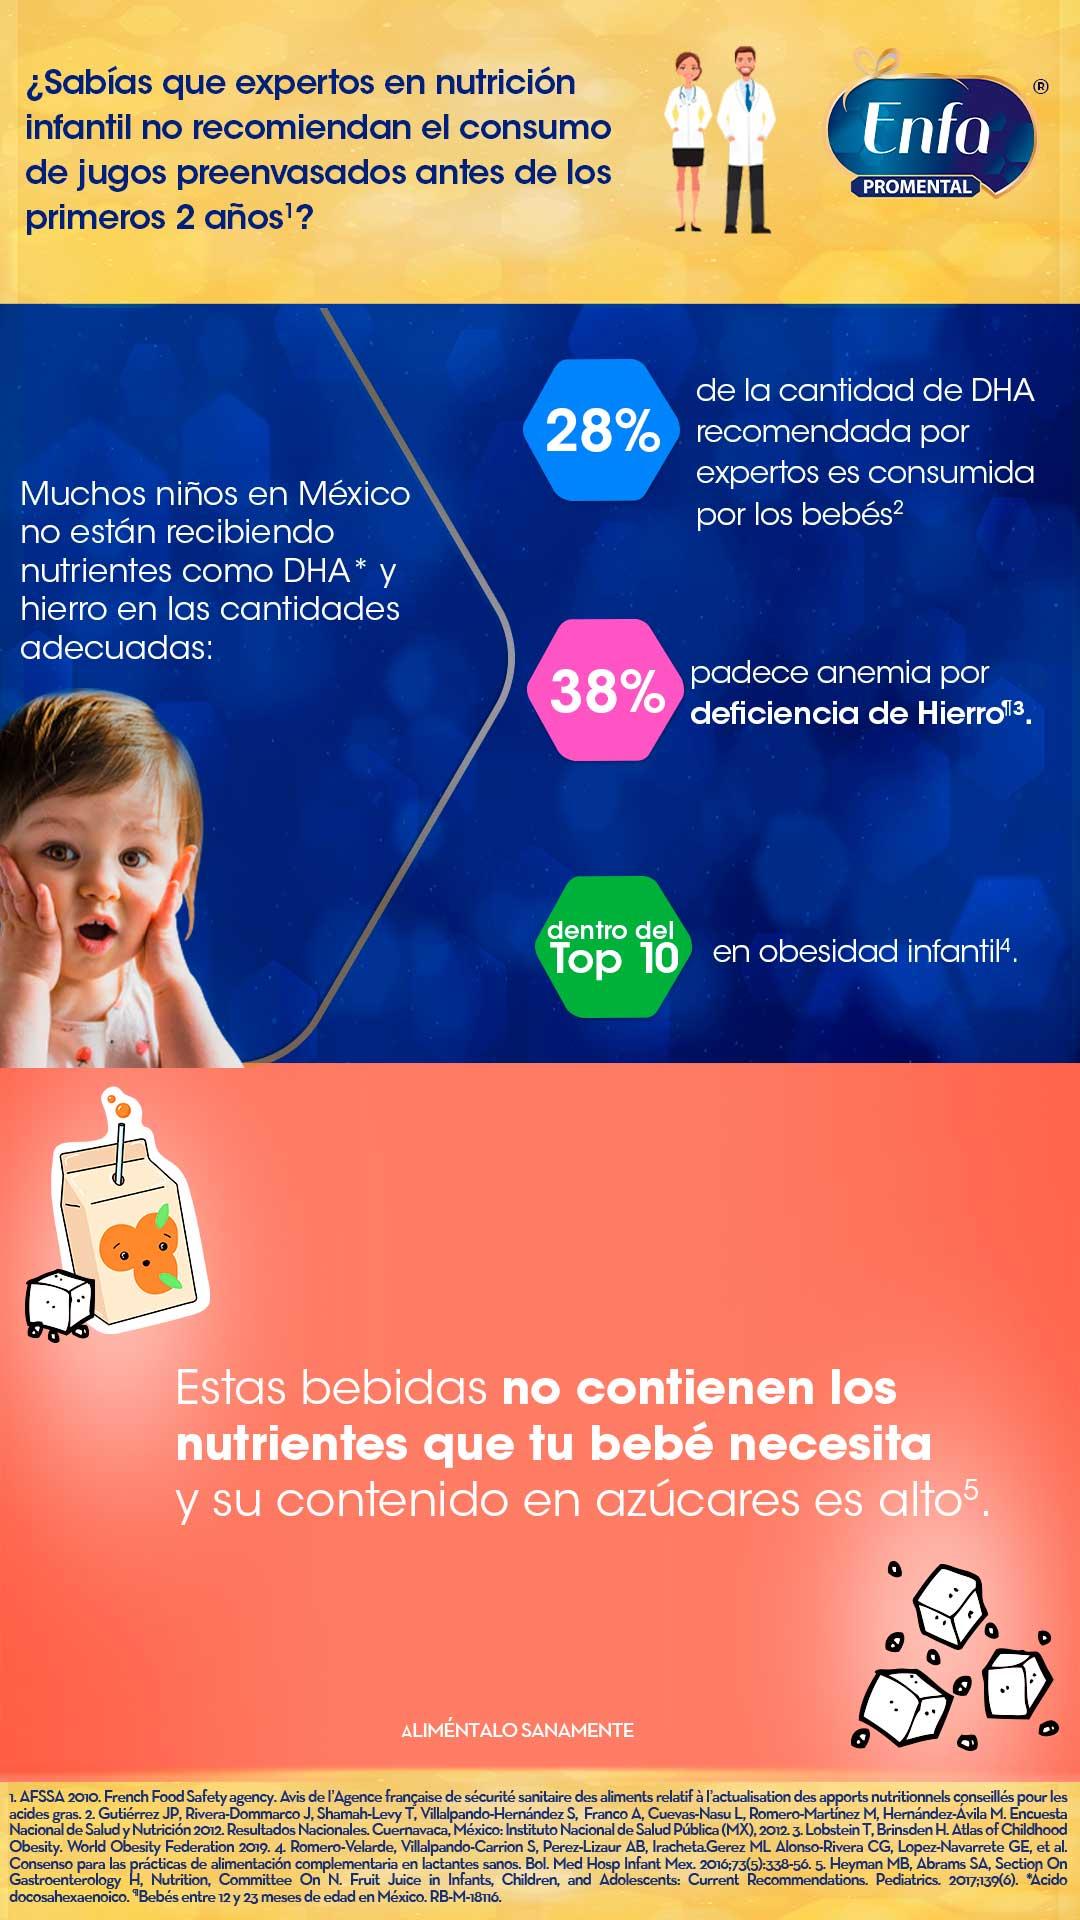 La infancia en México presenta importantes deficiencias en hierro, vitaminas y DHA: especialistas en nutrición y pediatría